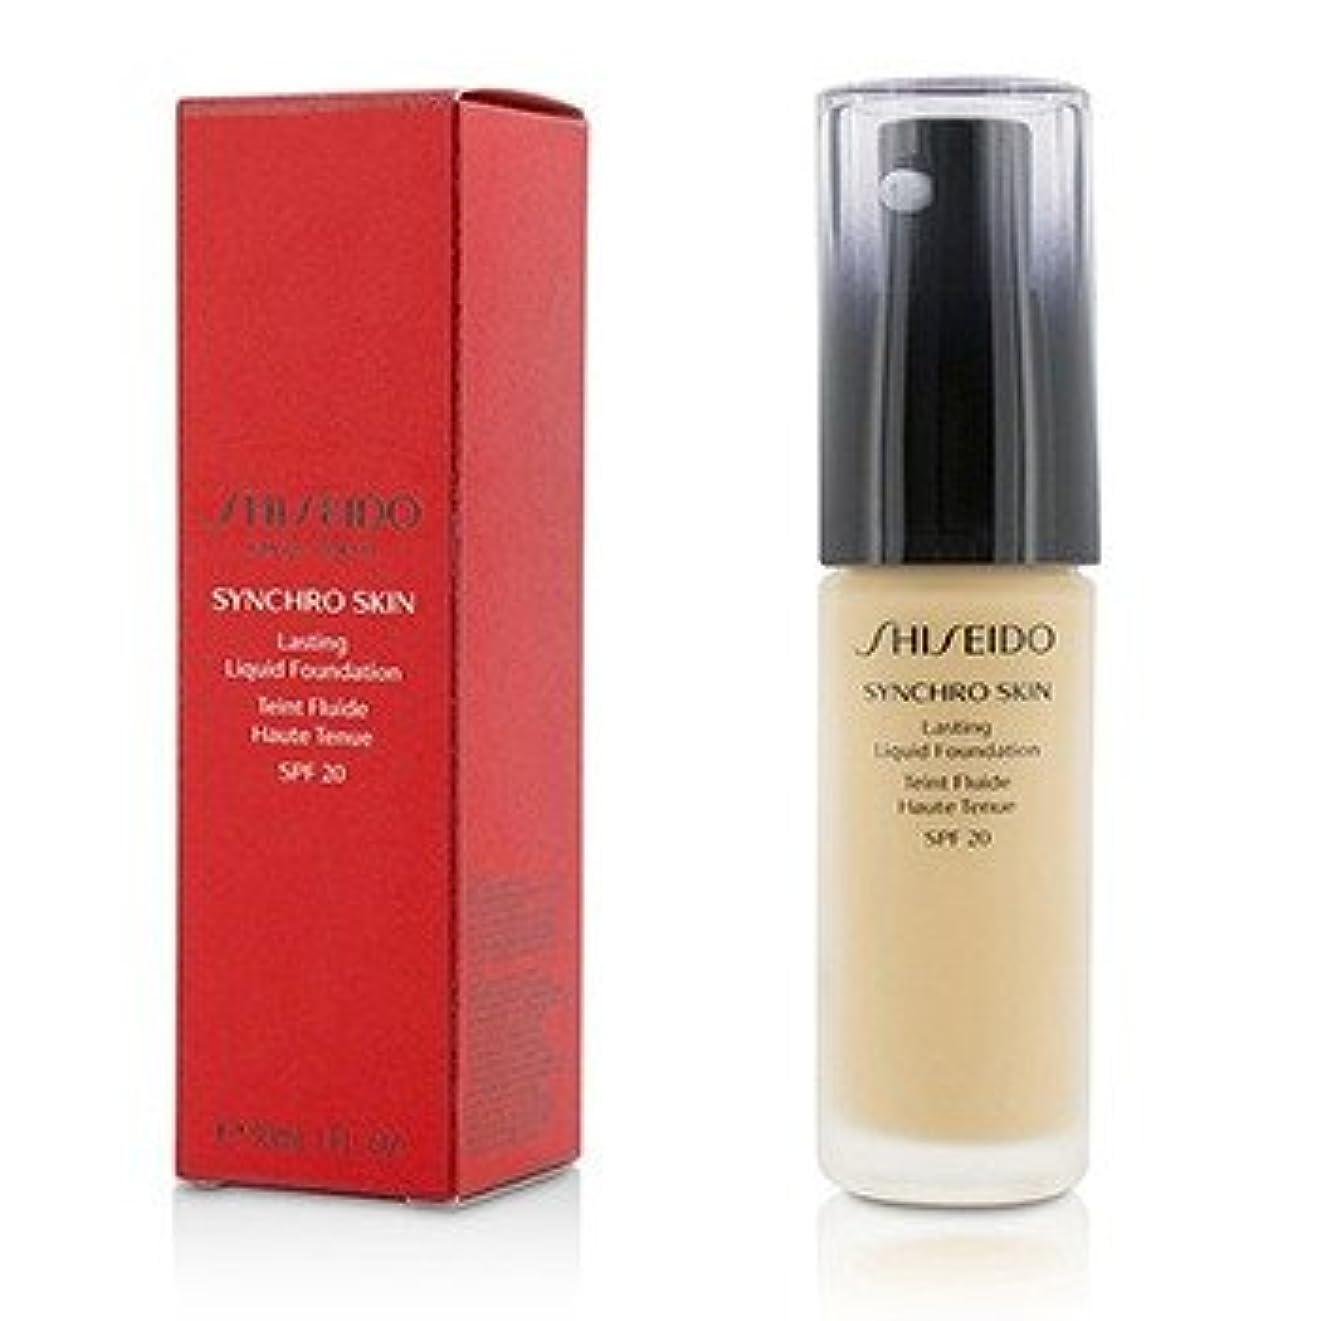 ペレット可愛い傾向があります[Shiseido] Synchro Skin Lasting Liquid Foundation SPF 20 - Neutral 3 30ml/1oz